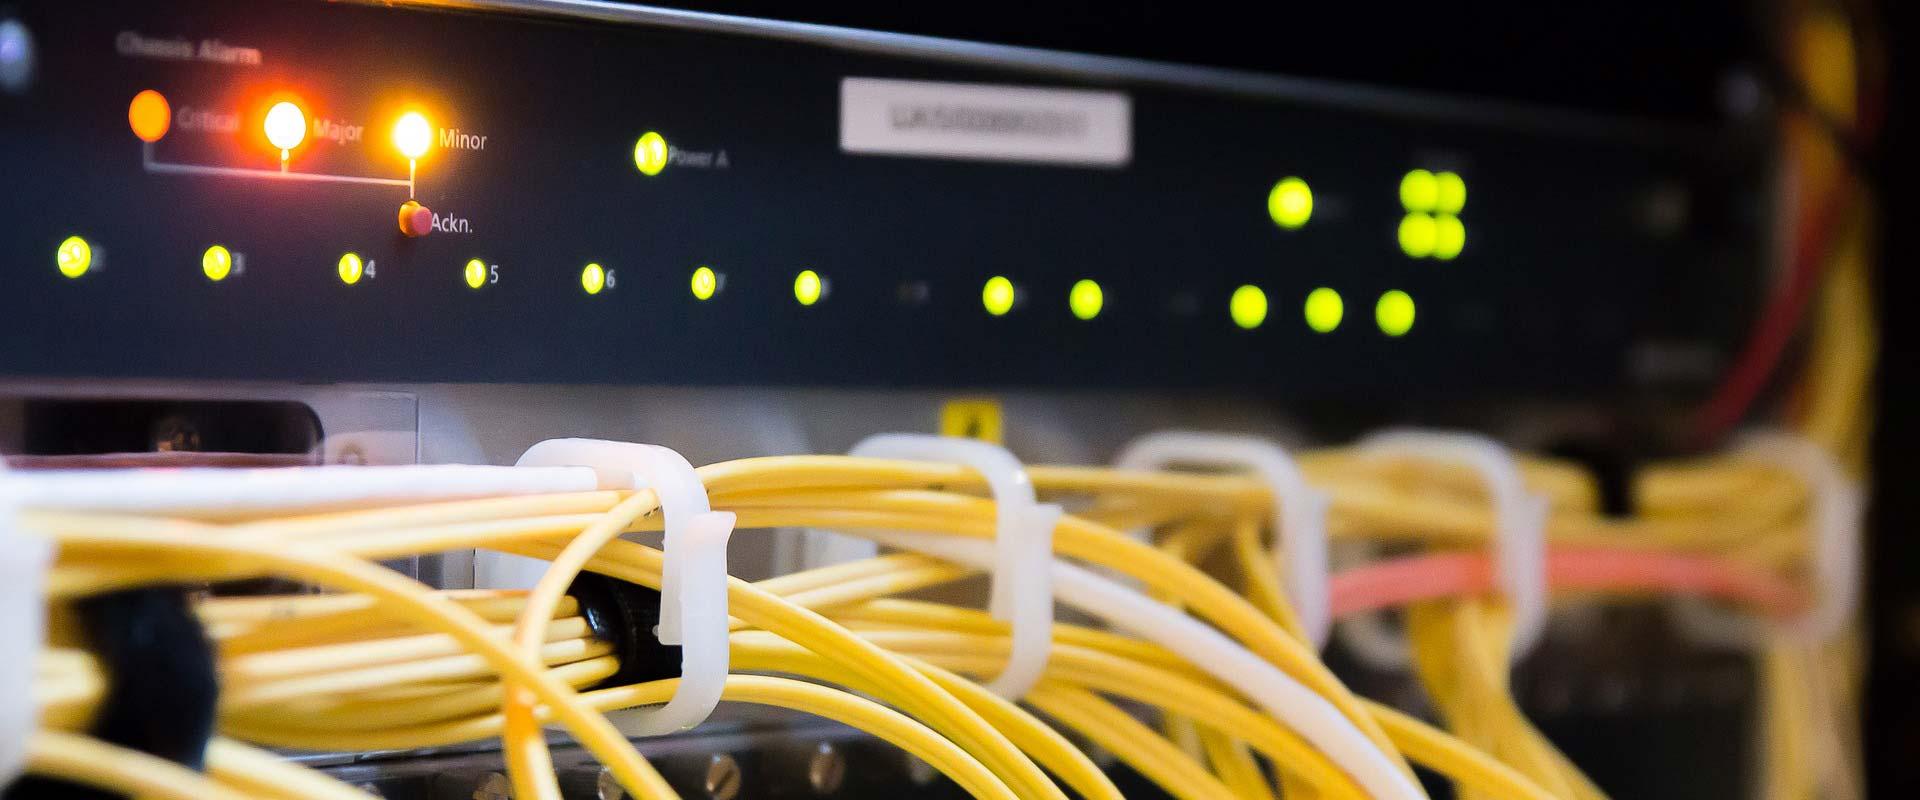 Server und Netzwerke